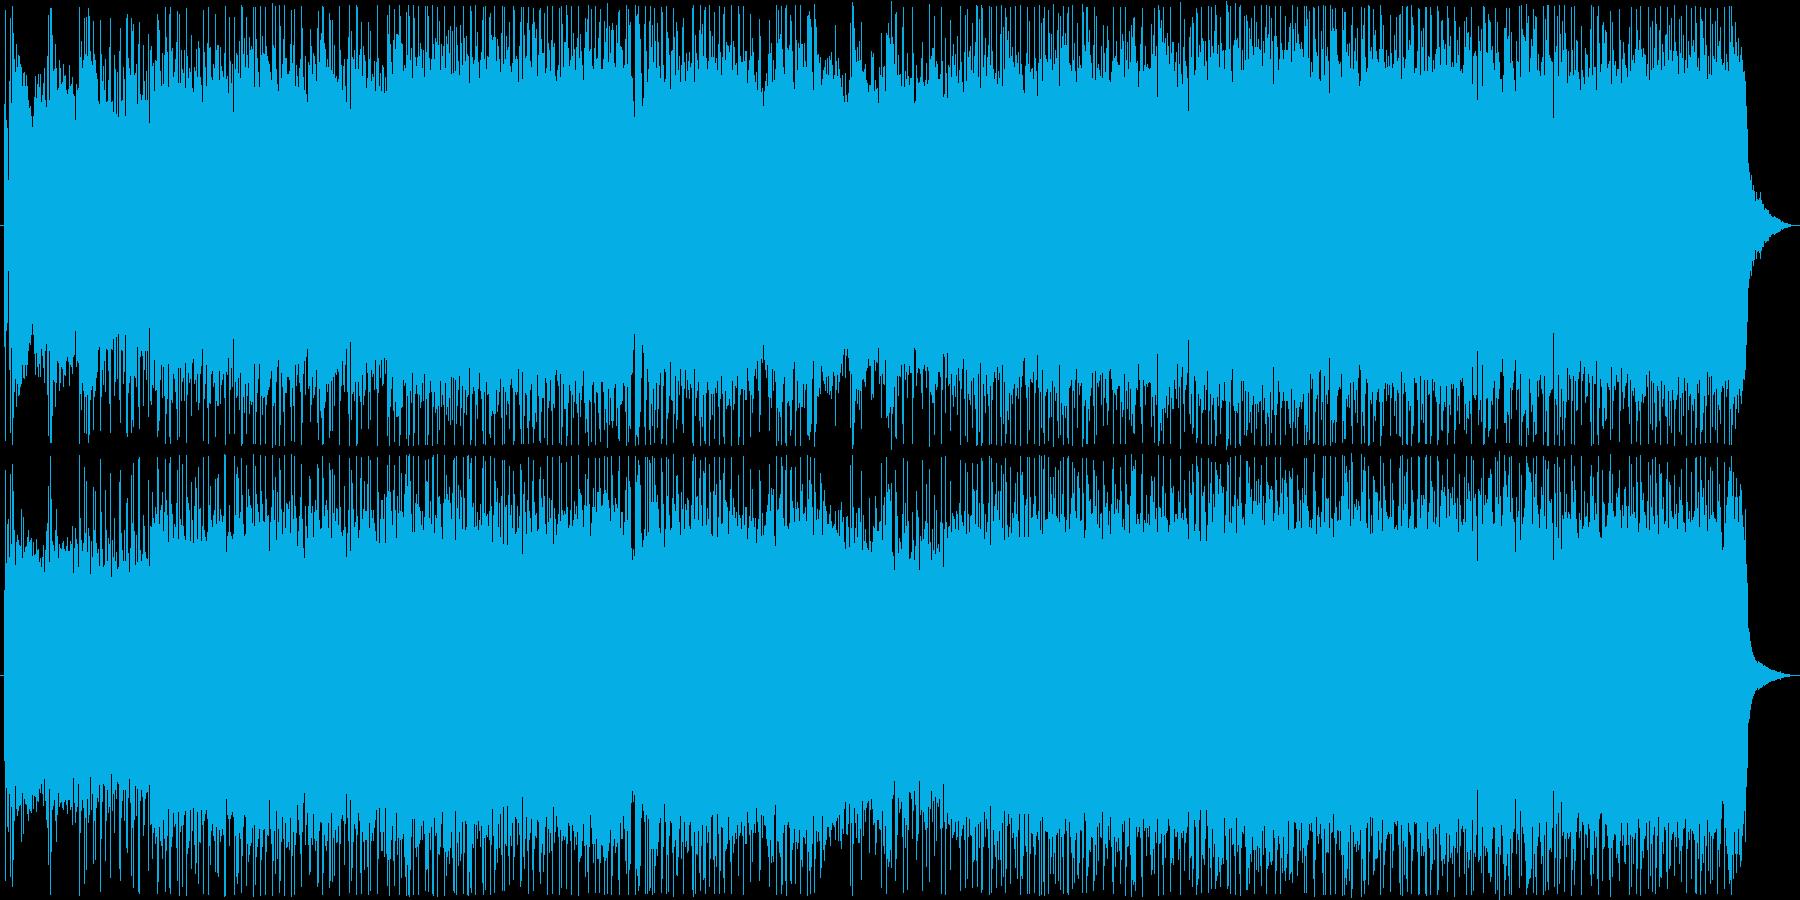 躍動感溢れるロックミュージック!の再生済みの波形